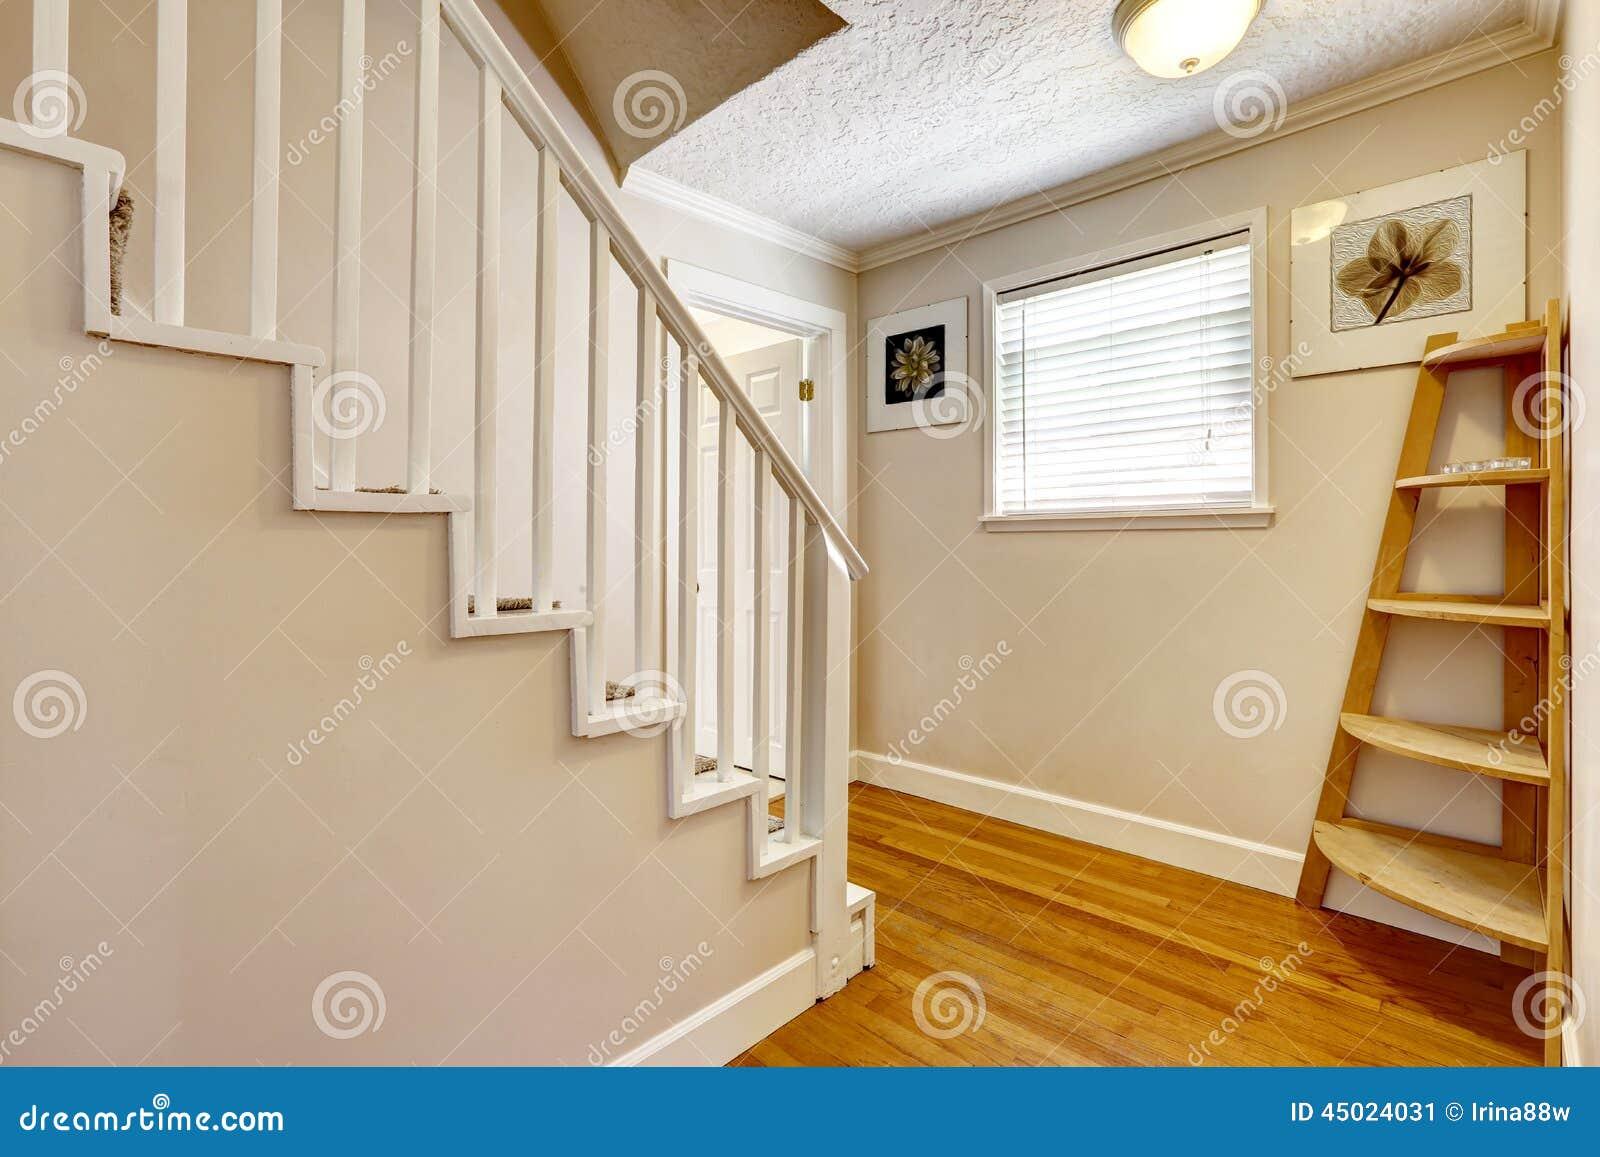 Couloir vide avec l 39 escalier photo stock image 45024031 - Couloir avec escalier ...